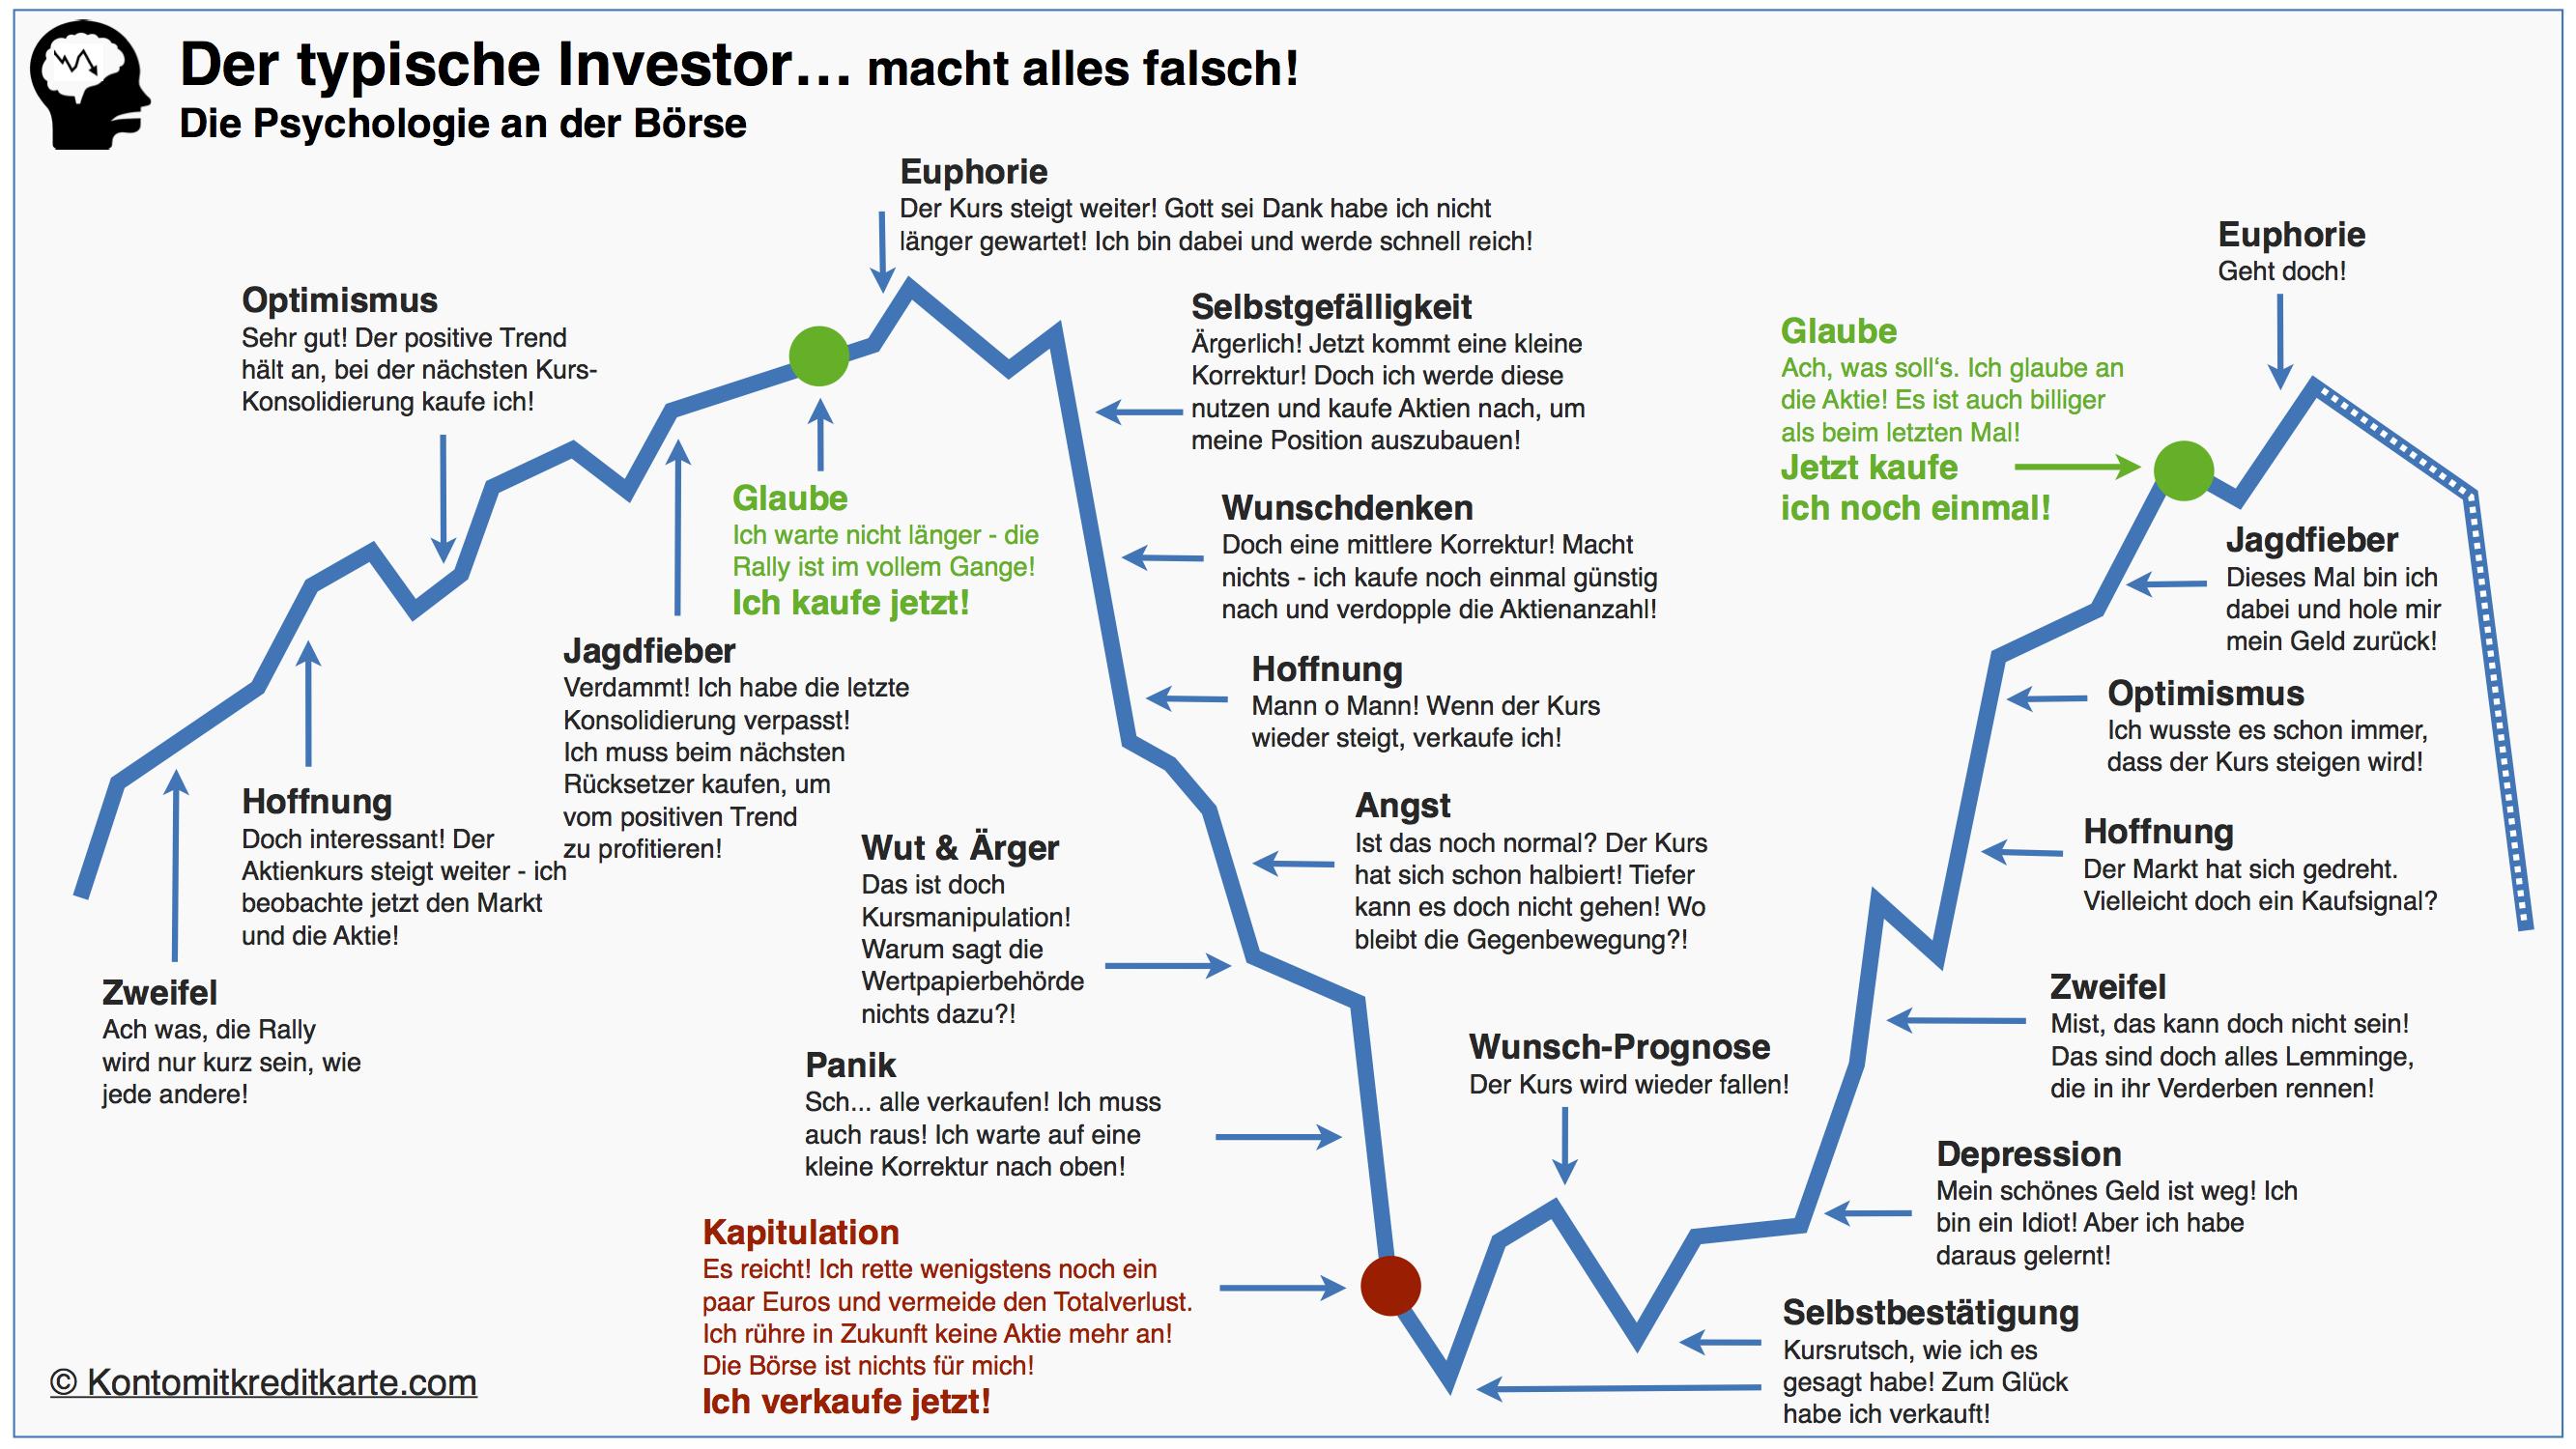 Online-Broker Wissen: Der Typische Investor macht an der Börse alles falsch!